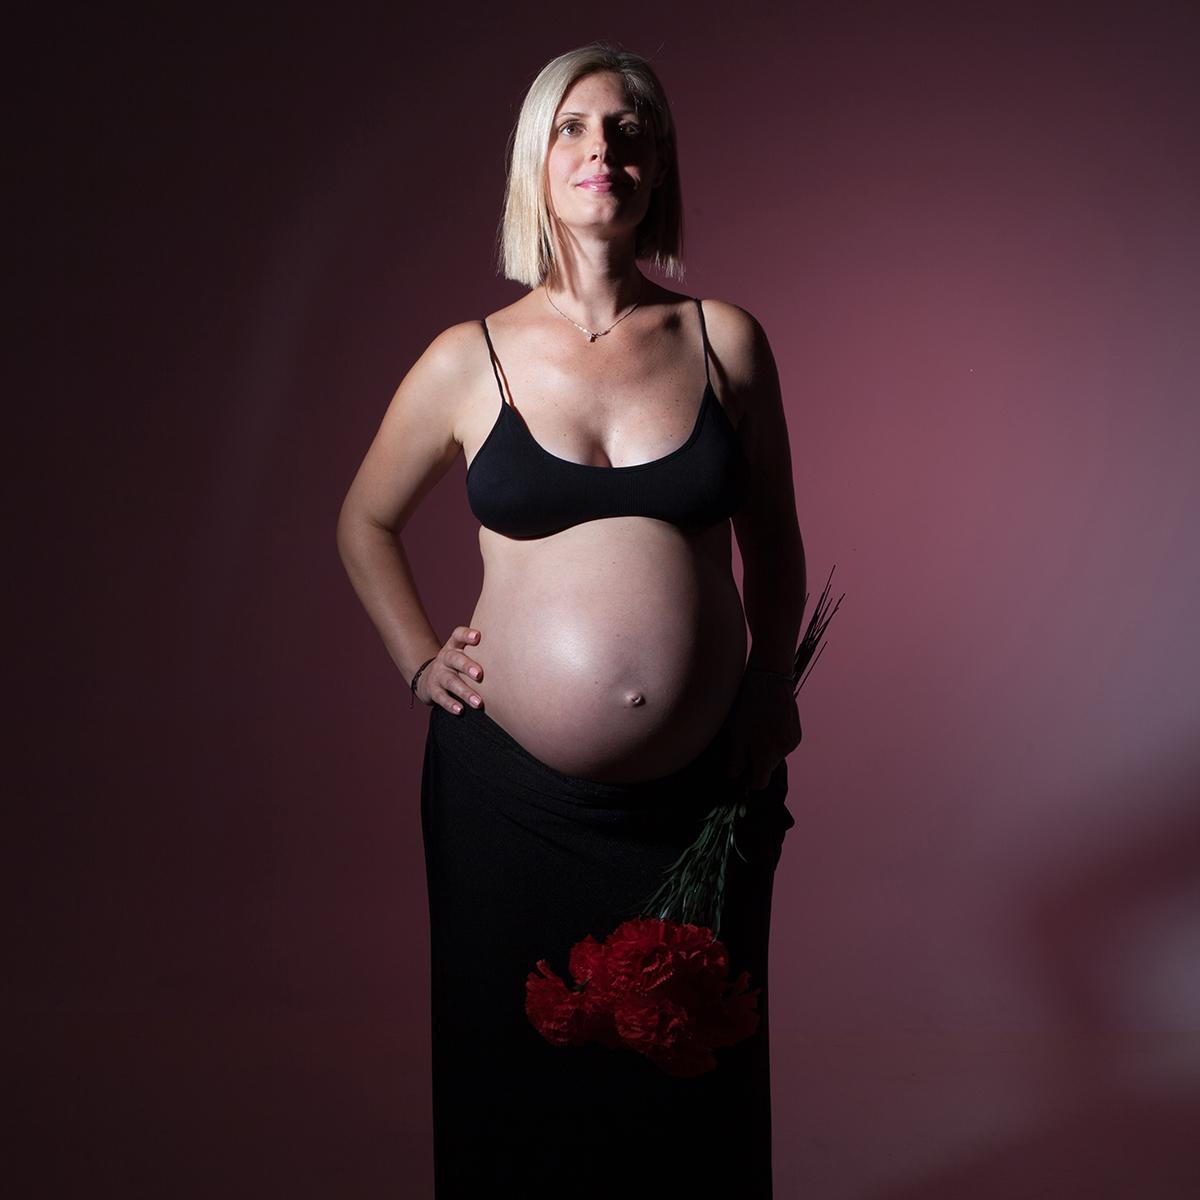 φωτογράφιση εγκυμοσύνης,,φωτογράφος γάμου θεσσαλονίκη maria 008